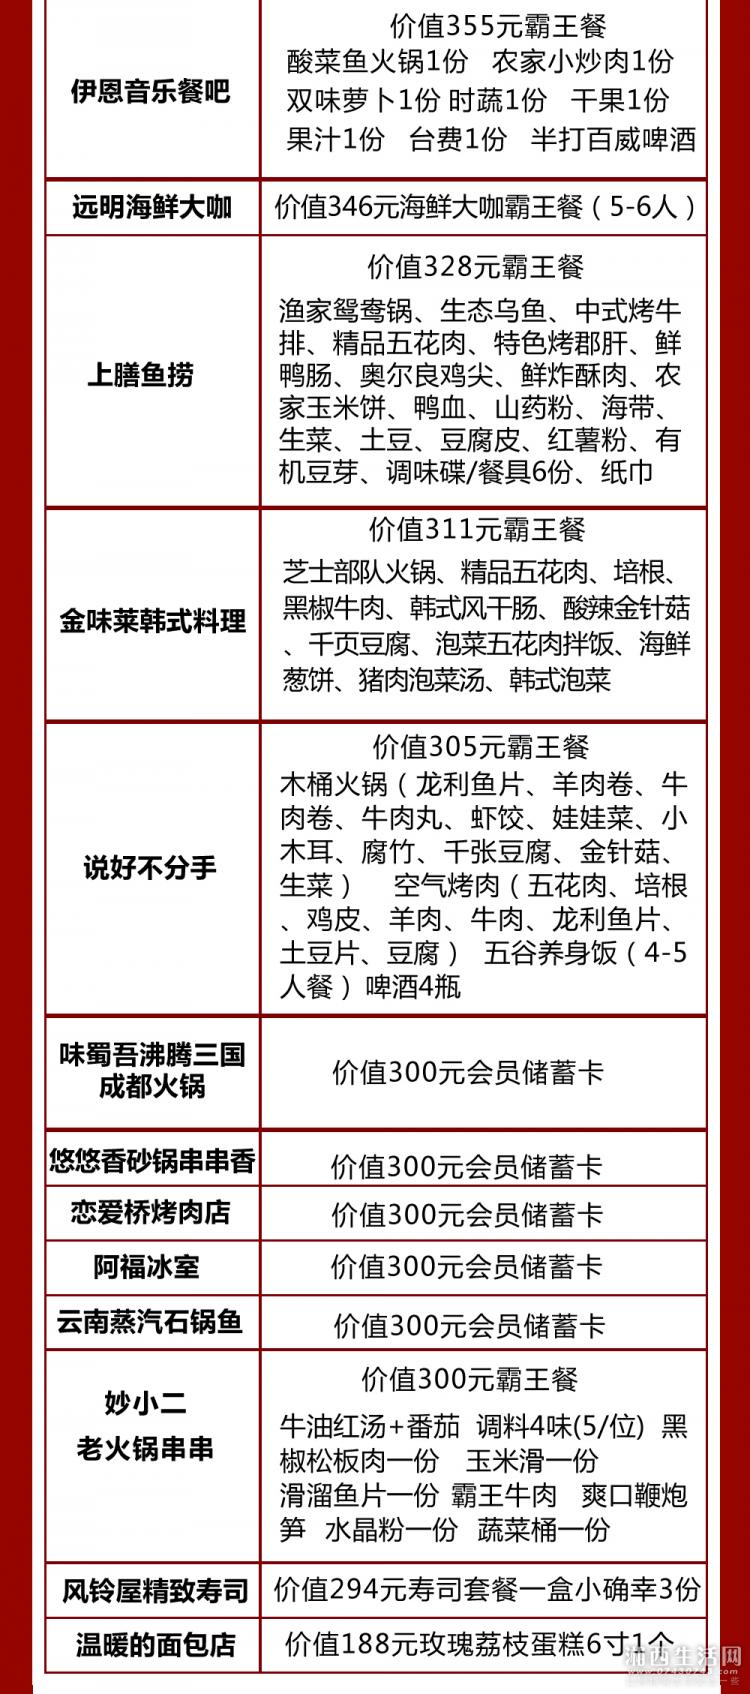 荣威_04.png